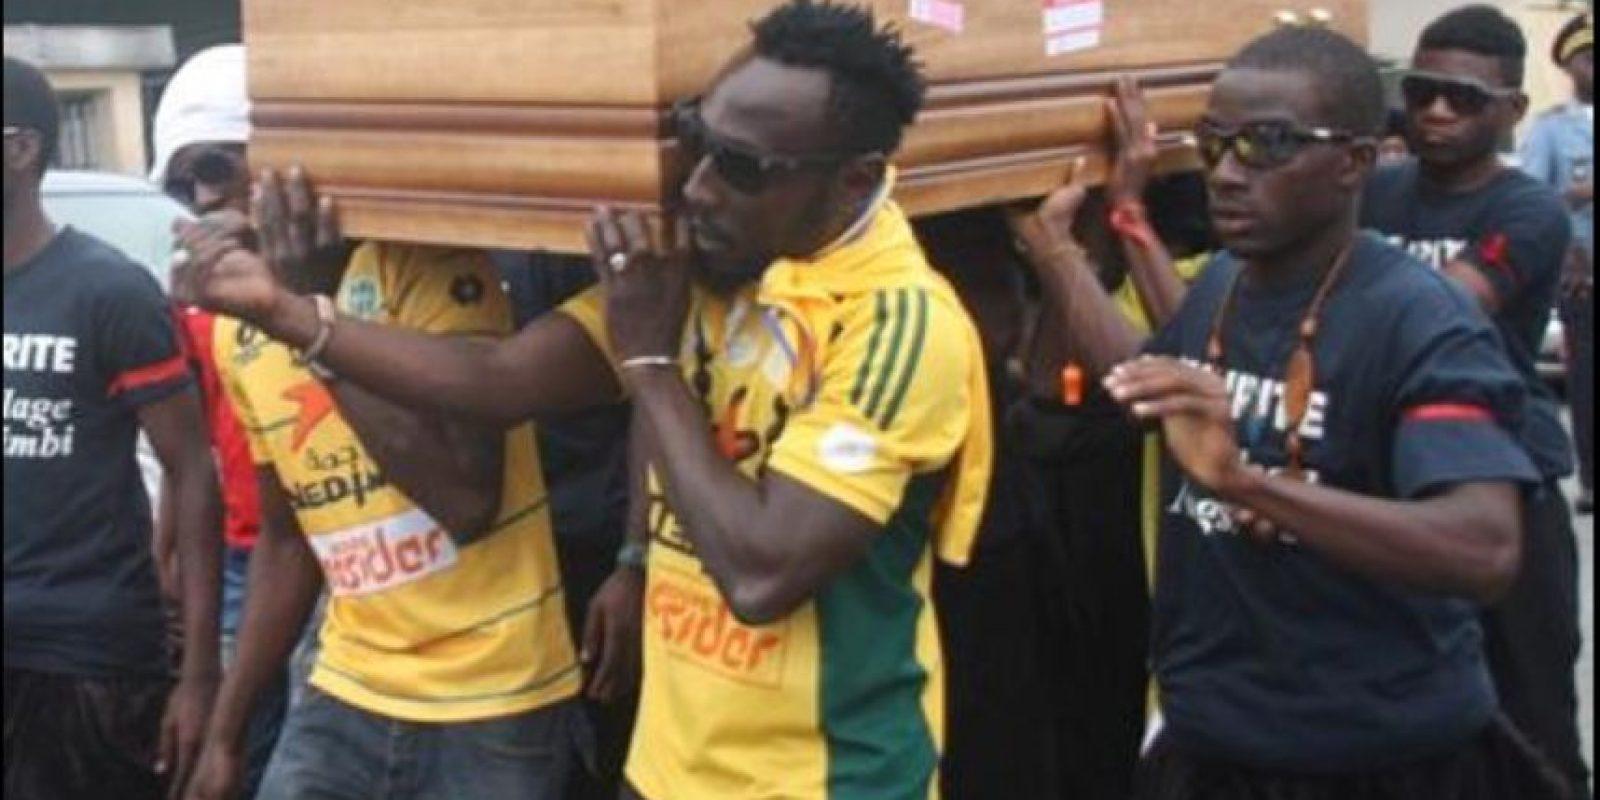 El futbolista camerunés murió, después de ser golpeado en la cabeza por una piedra Foto:Twitter